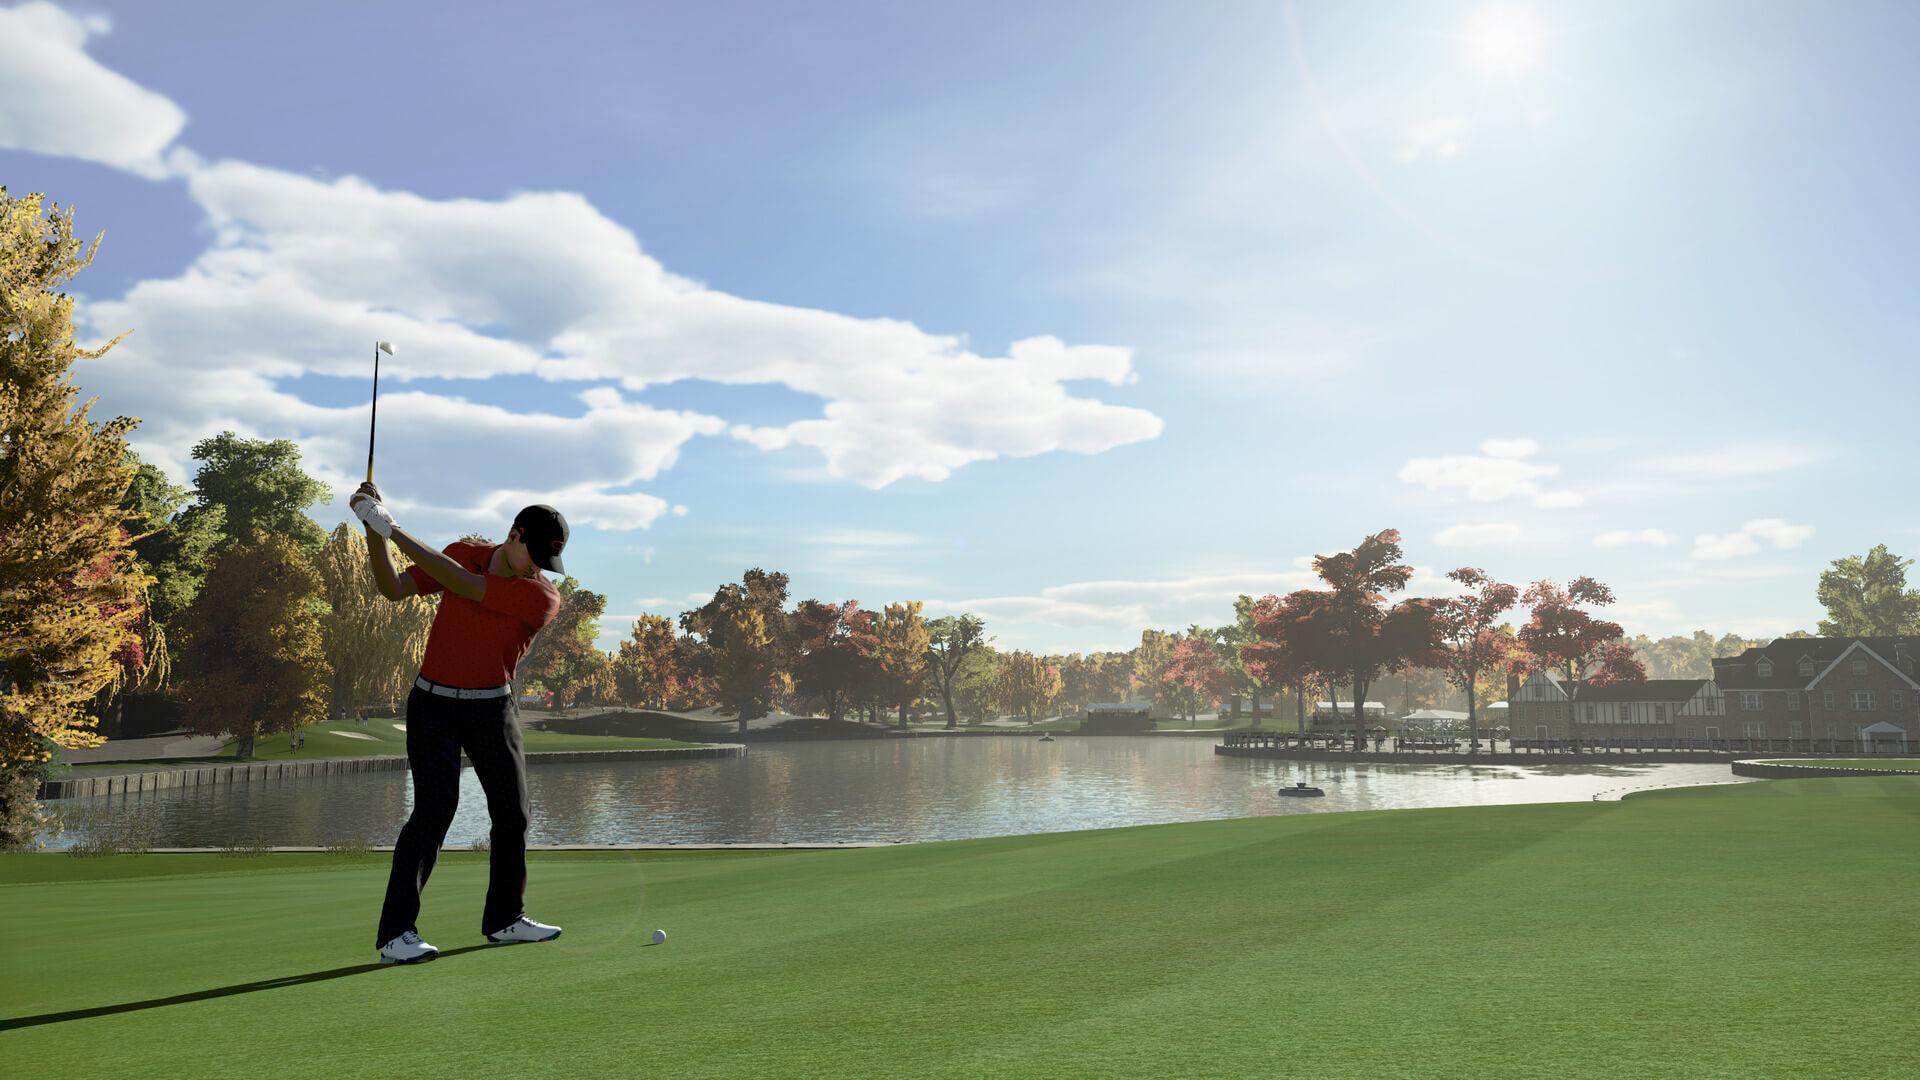 2K Games anuncia PGA TOUR 2K21, lançado em 21 de agosto